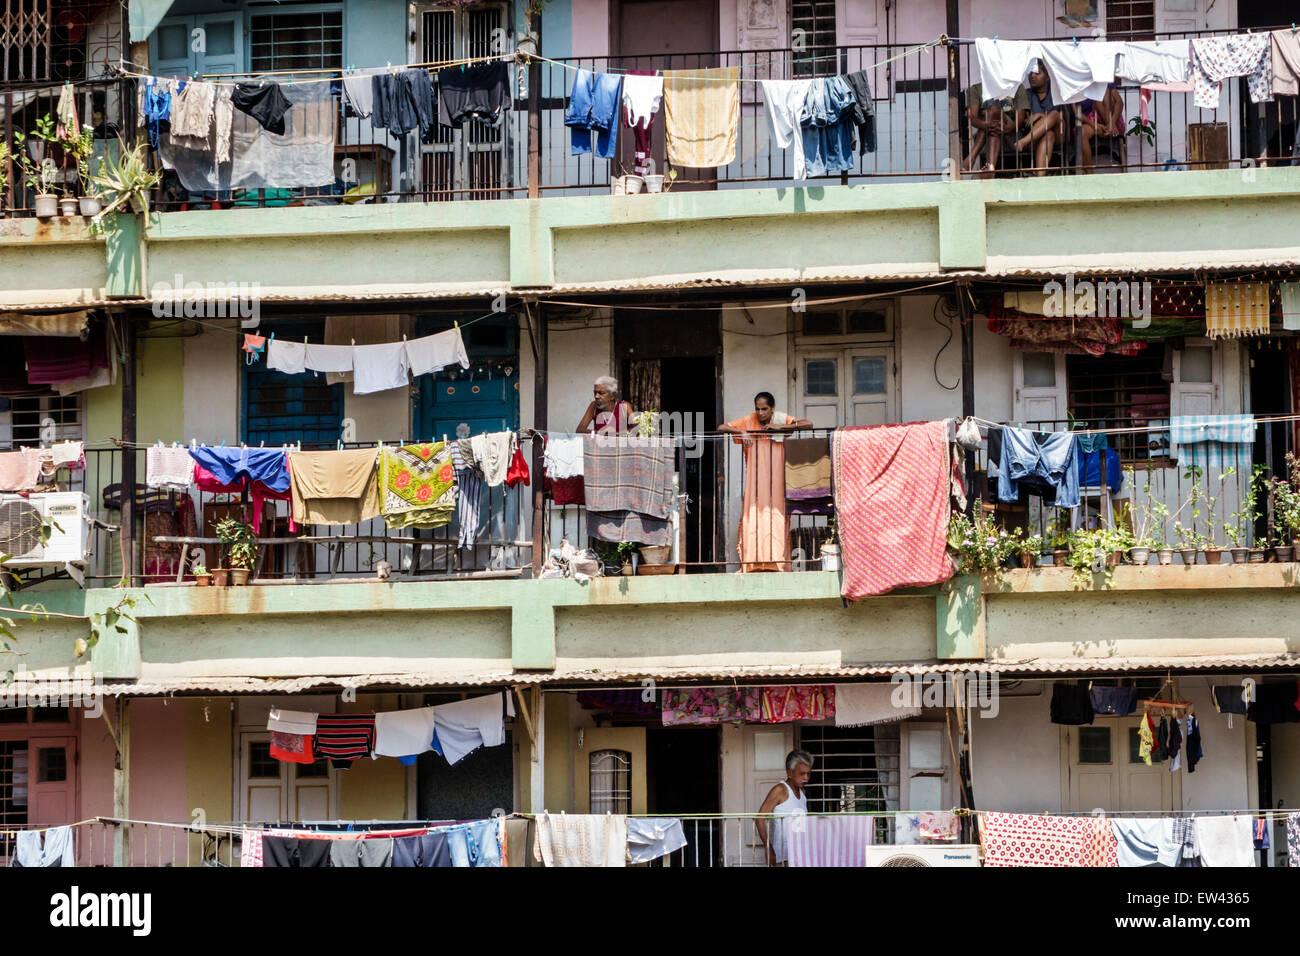 Balkon Asiatisch mumbai indien indisch asiatisch tardeo jehangir boman behram straße